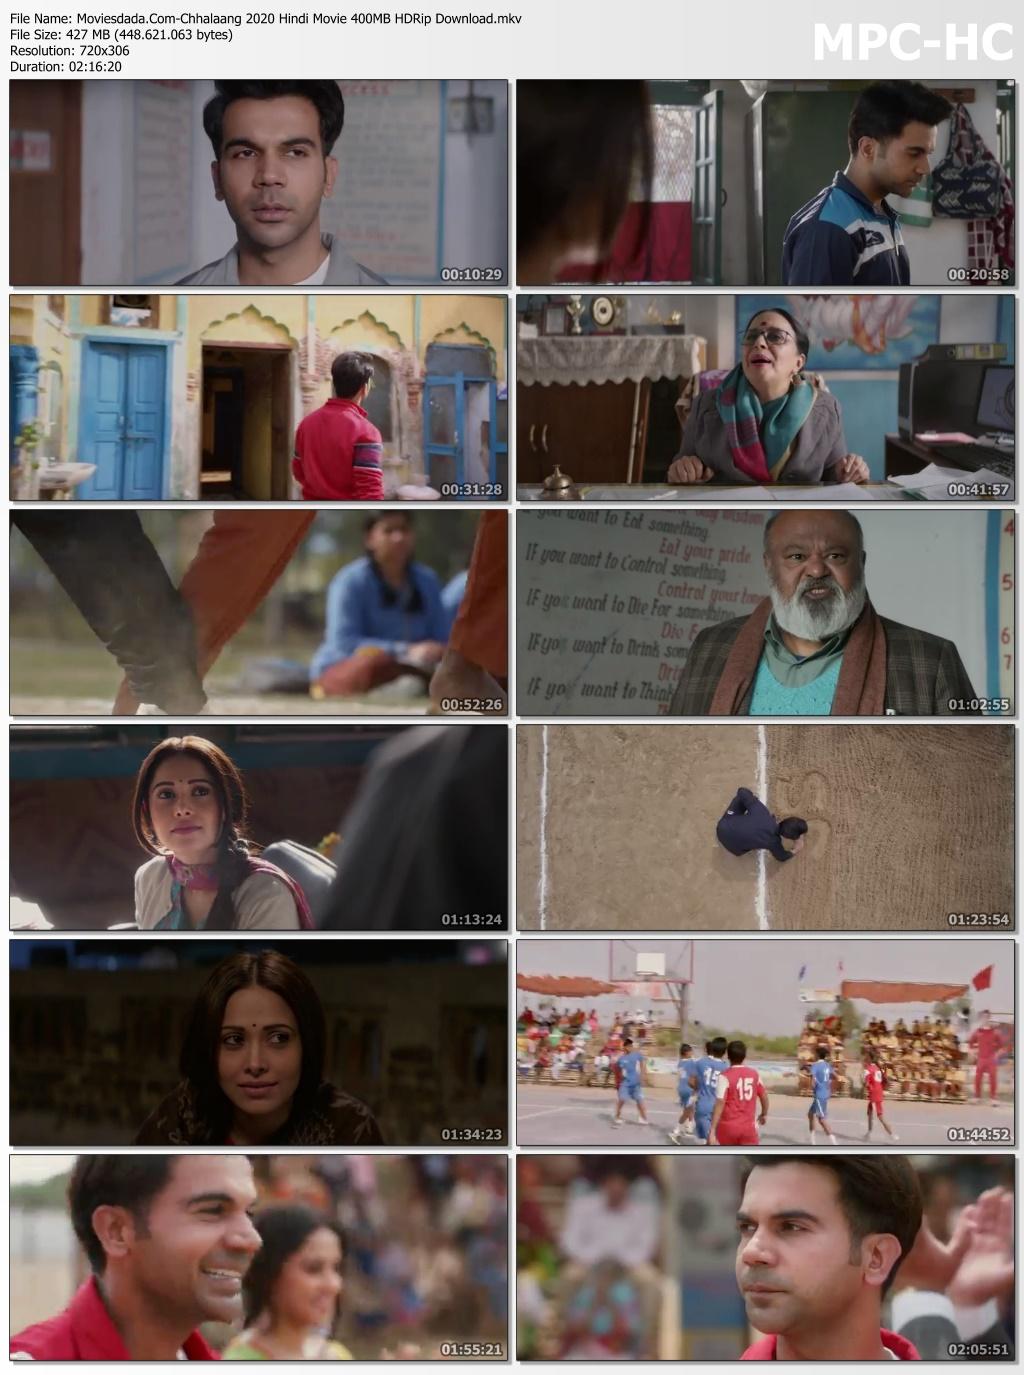 Moviesdada.Com Chhalaang 2020 Hindi Movie 400MB HDRip Download.mkv thumbs